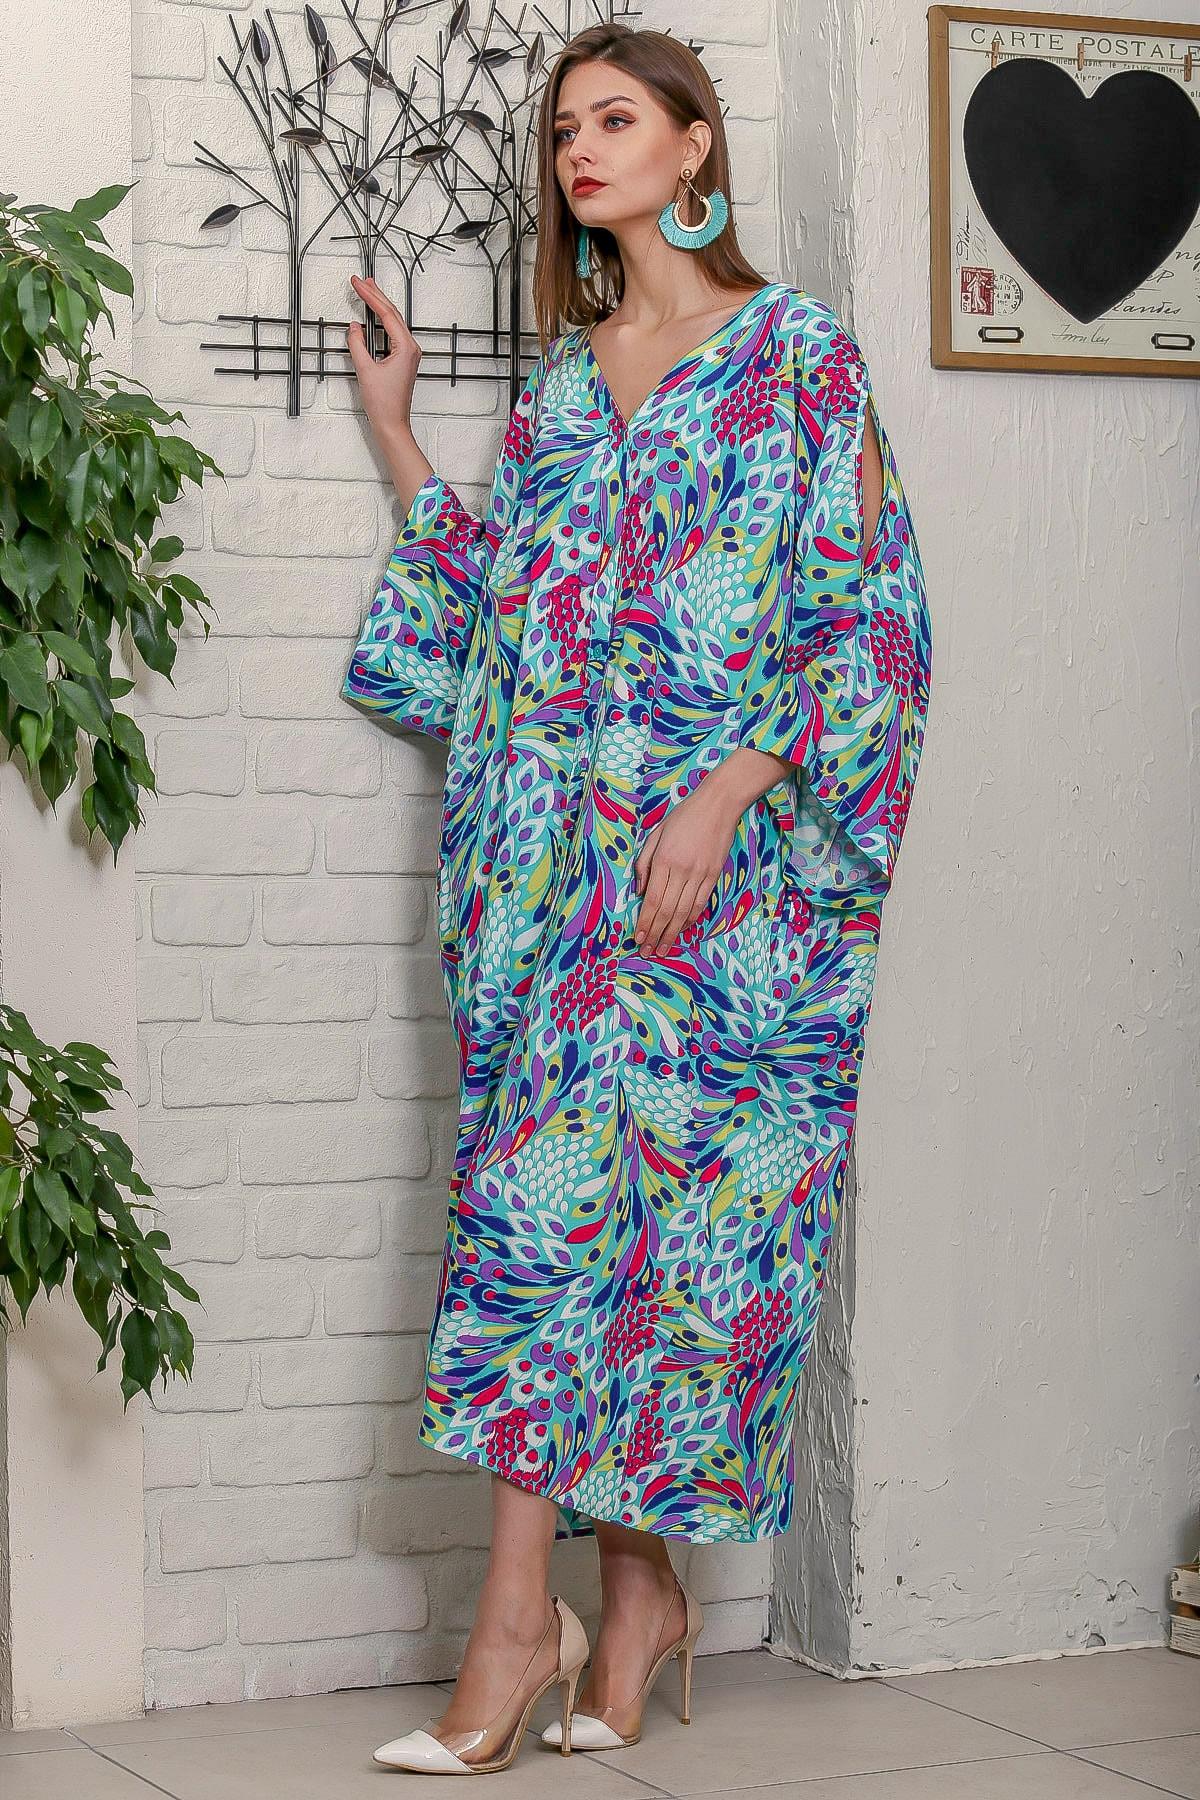 Chiccy Kadın Turkuaz Tavus Kuşu Tüy Desenli Omuzları Pencereli Düğme Detaylı Salaş Uzun Dokuma Elbise 2